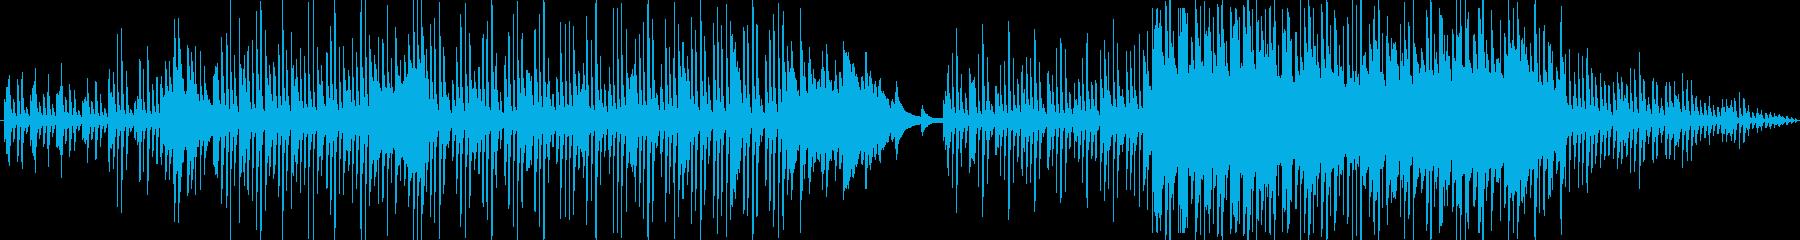 雨をイメージしたしっとりとしたピアノ曲の再生済みの波形